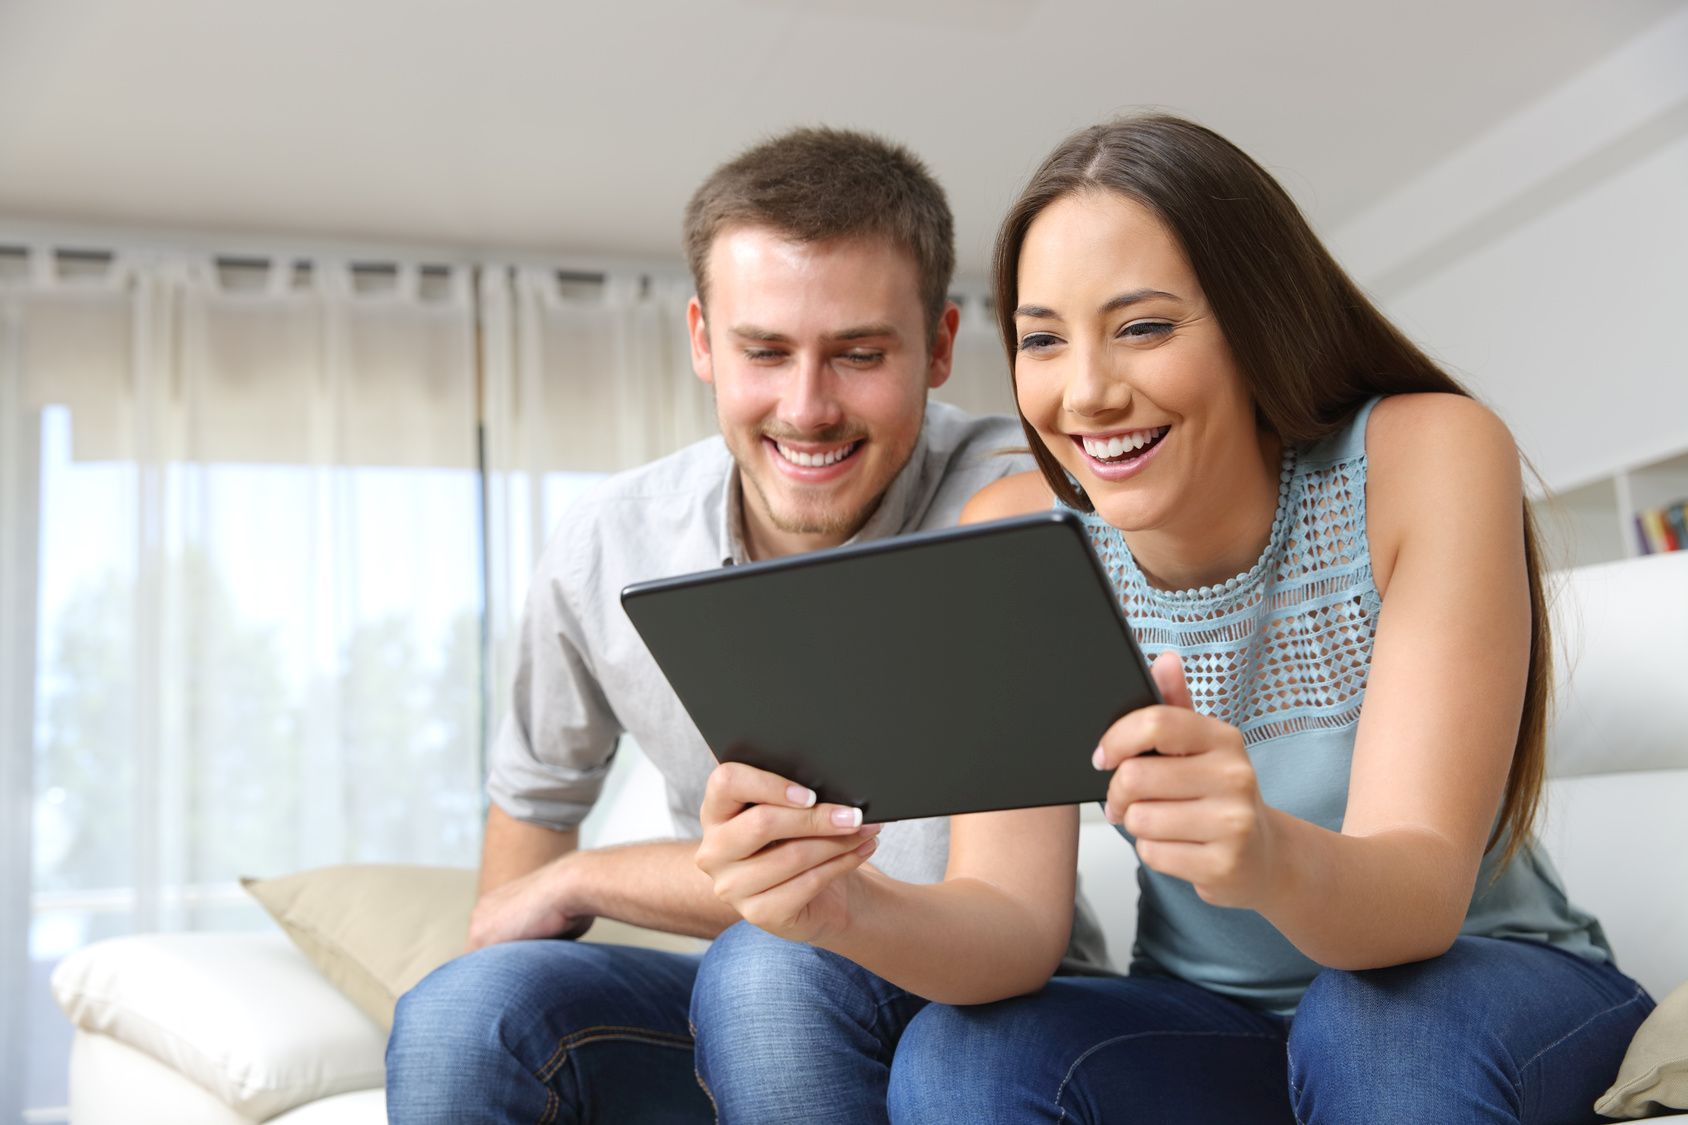 lheizung im test vergleich effizienzhaus online. Black Bedroom Furniture Sets. Home Design Ideas